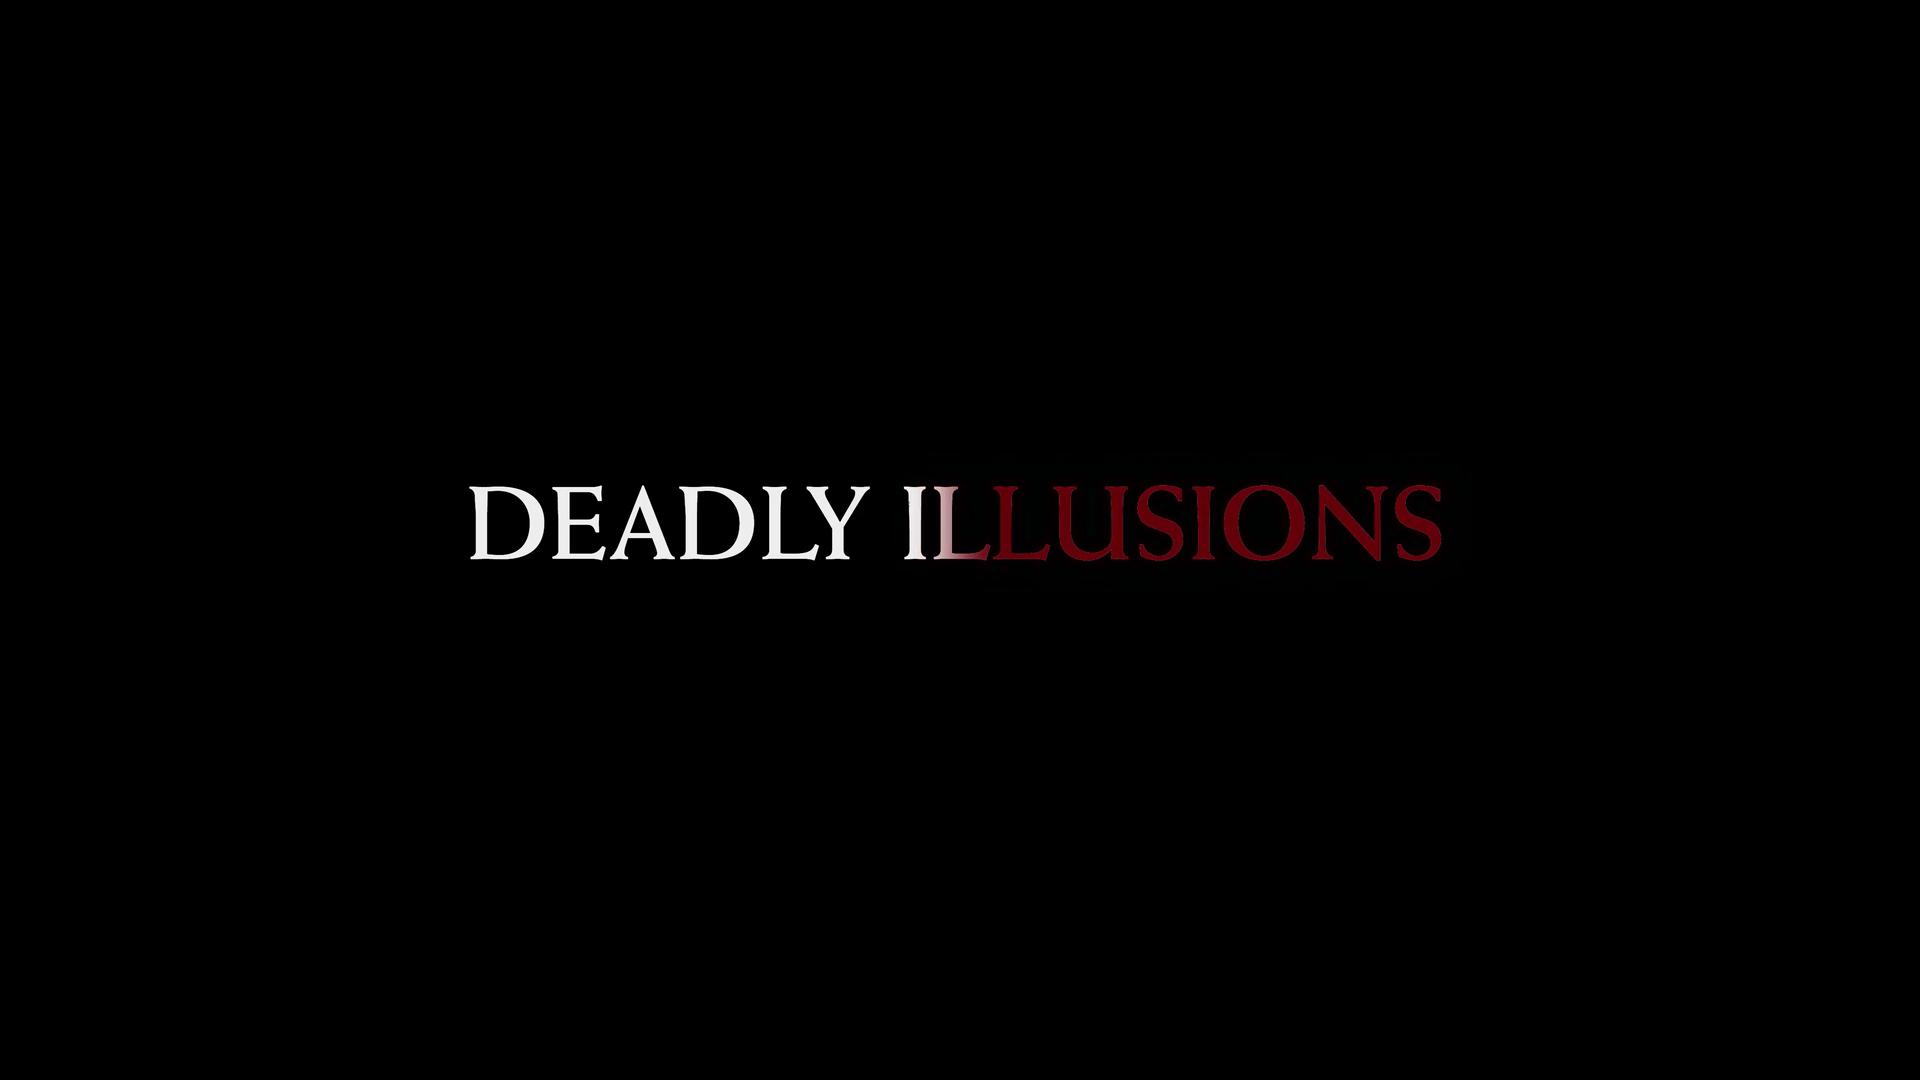 Ilusiones mortales (2021) 1080p WEB-DL Latino